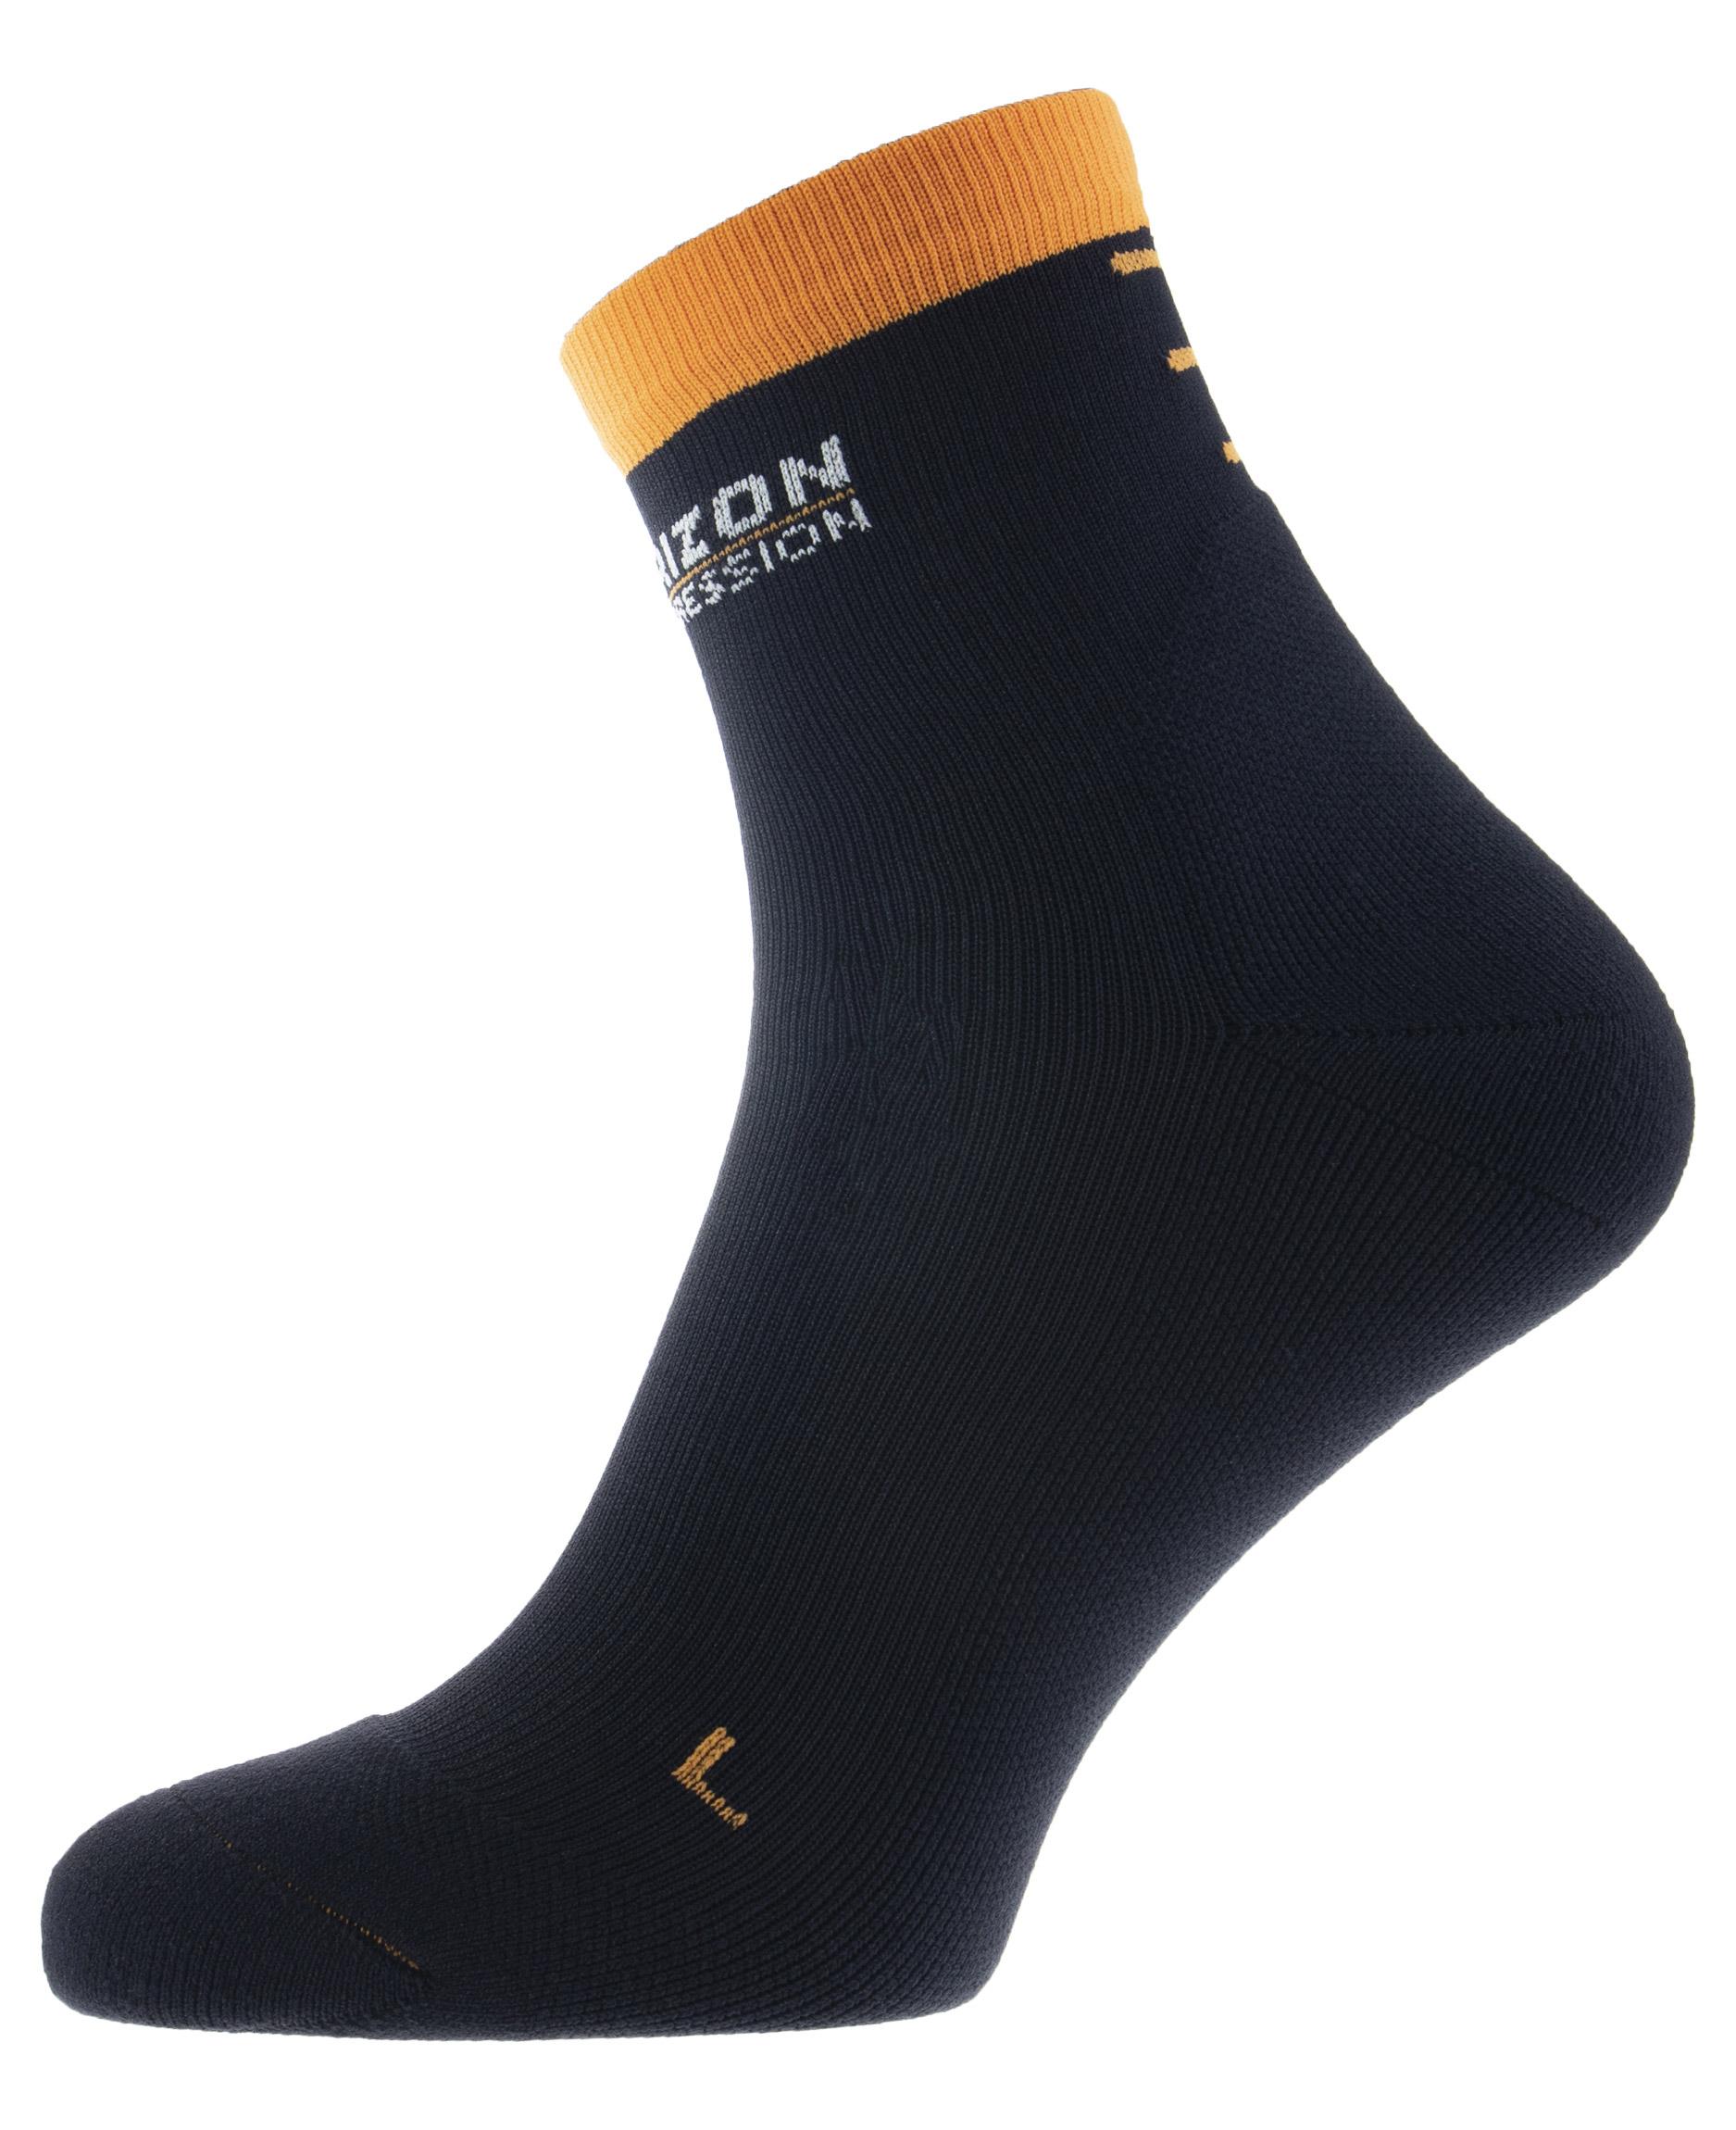 Performance Compression Quarter Sock Black Orange